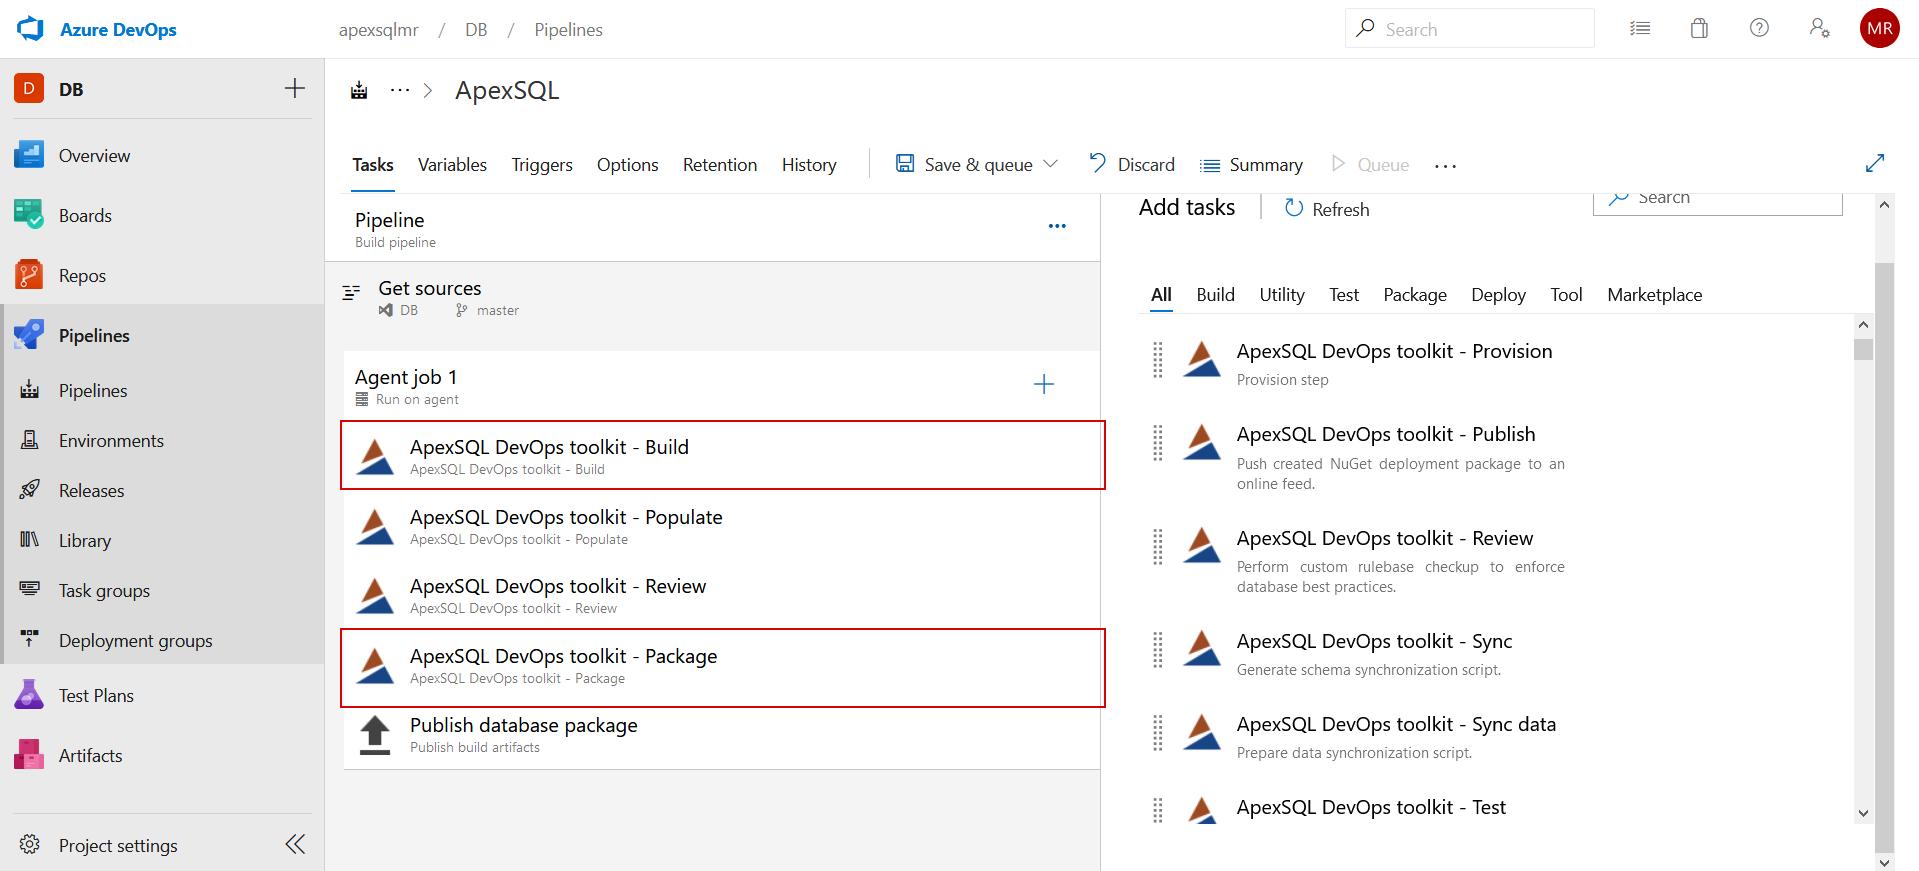 ApexSQL DevOps toolkit tasks